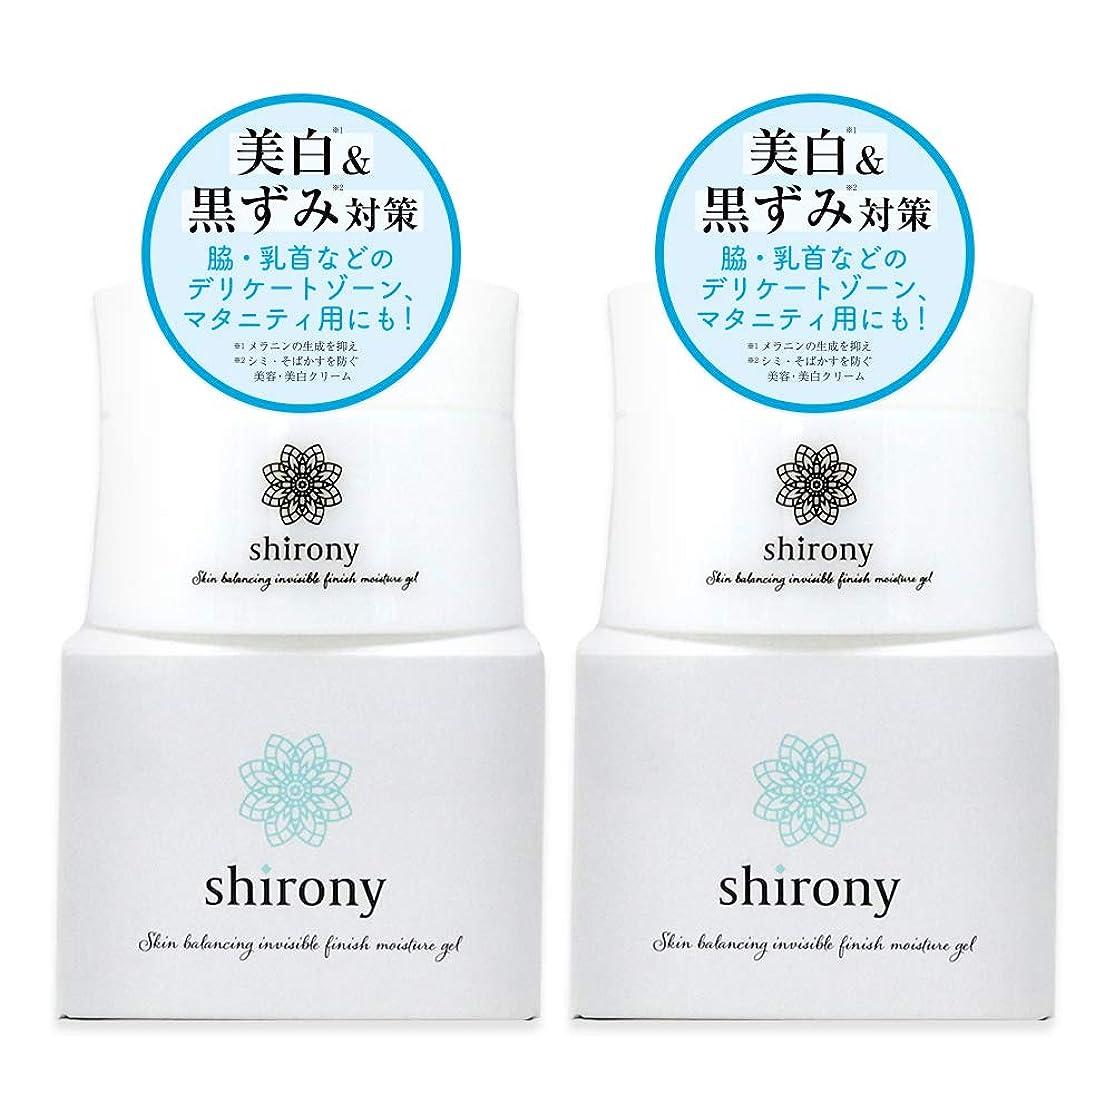 日付付き氏下にshirony (シロニー) 保湿 美白 ホワイトアップ クリーム モイストクリーム 30g 【医薬部外品】 (2個)